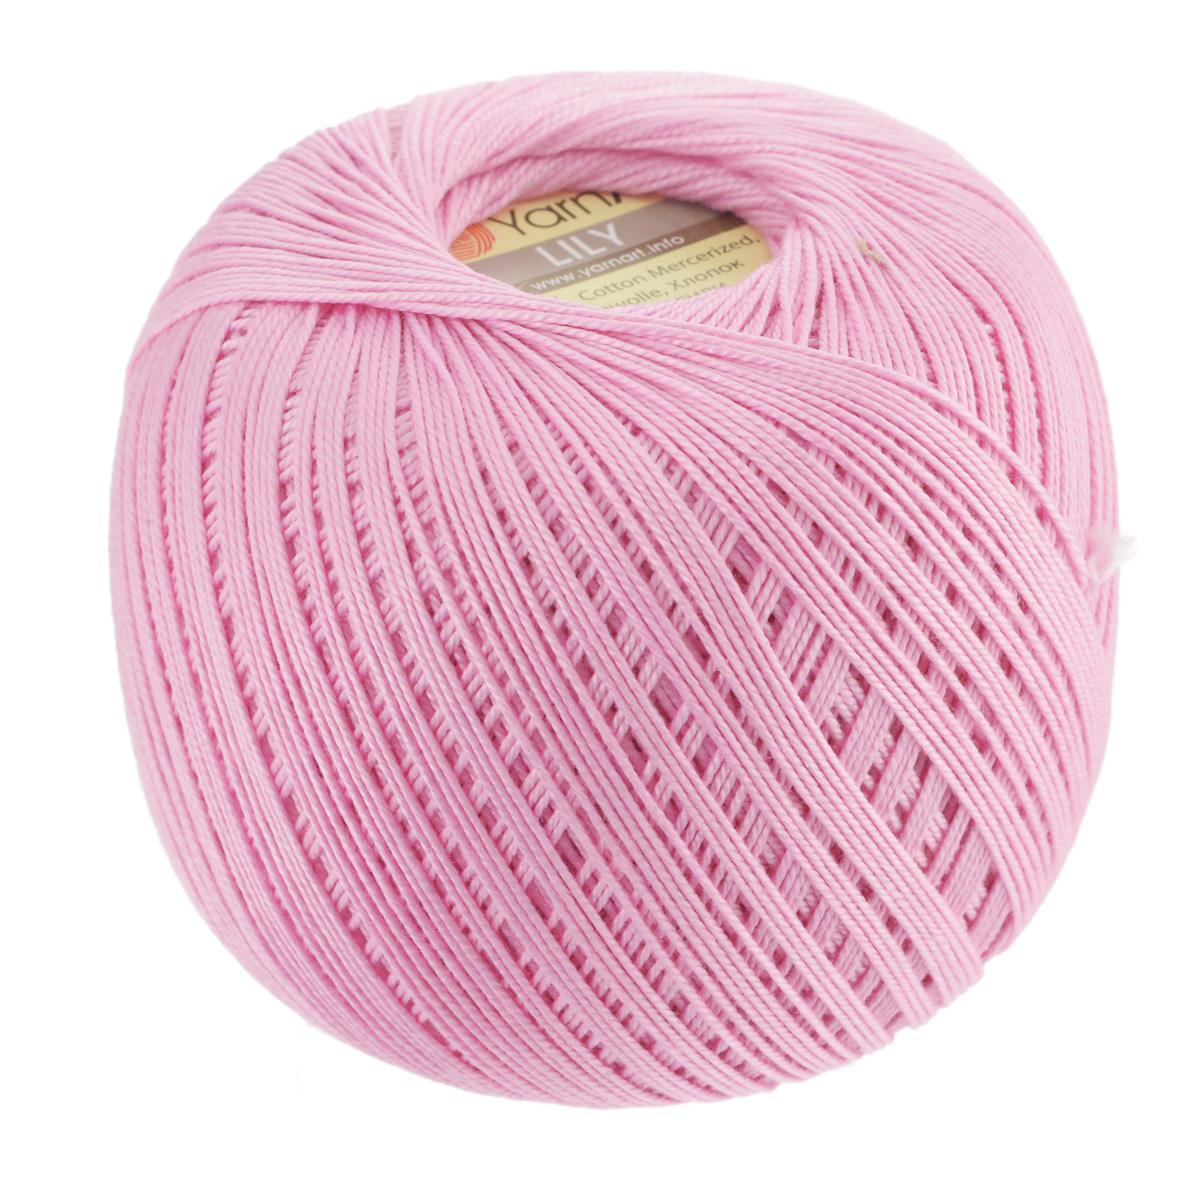 Пряжа для вязания YarnArt Lily, цвет: ярко-розовый (5046), 225 м, 50 г, 8 шт372073_5046Пряжа YarnArt Lily - тонкая, гладкая и упругая пряжа из 100% мерсеризованного хлопка для вязания крючком и спицами. Нить хорошо скручена и не расслаивается. Это классическая пряжа, которая пользуется большой популярностью. Отлично подходит для вязания ажурных изделий. Замечательный вариант для вязания в технике ирландского кружева. Рекомендуется для вязания крючком 1,75-2 мм и на спицах 2,5 мм. Комплектация: 8 мотков. Толщина нити: 1 мм. Состав: 100% мерсеризованный хлопок.